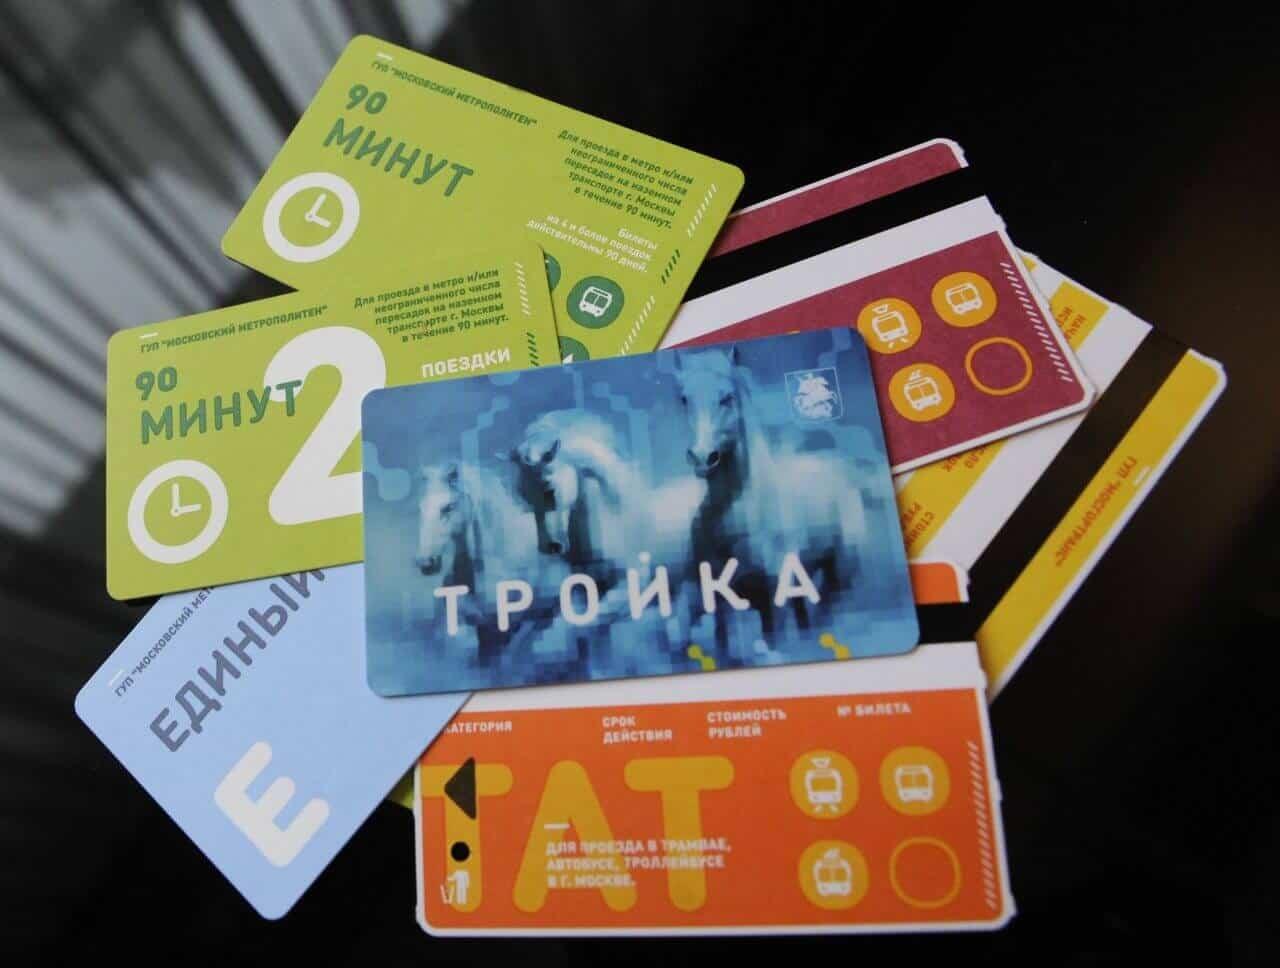 пополнить транспортную карту через сбербанк онлайн